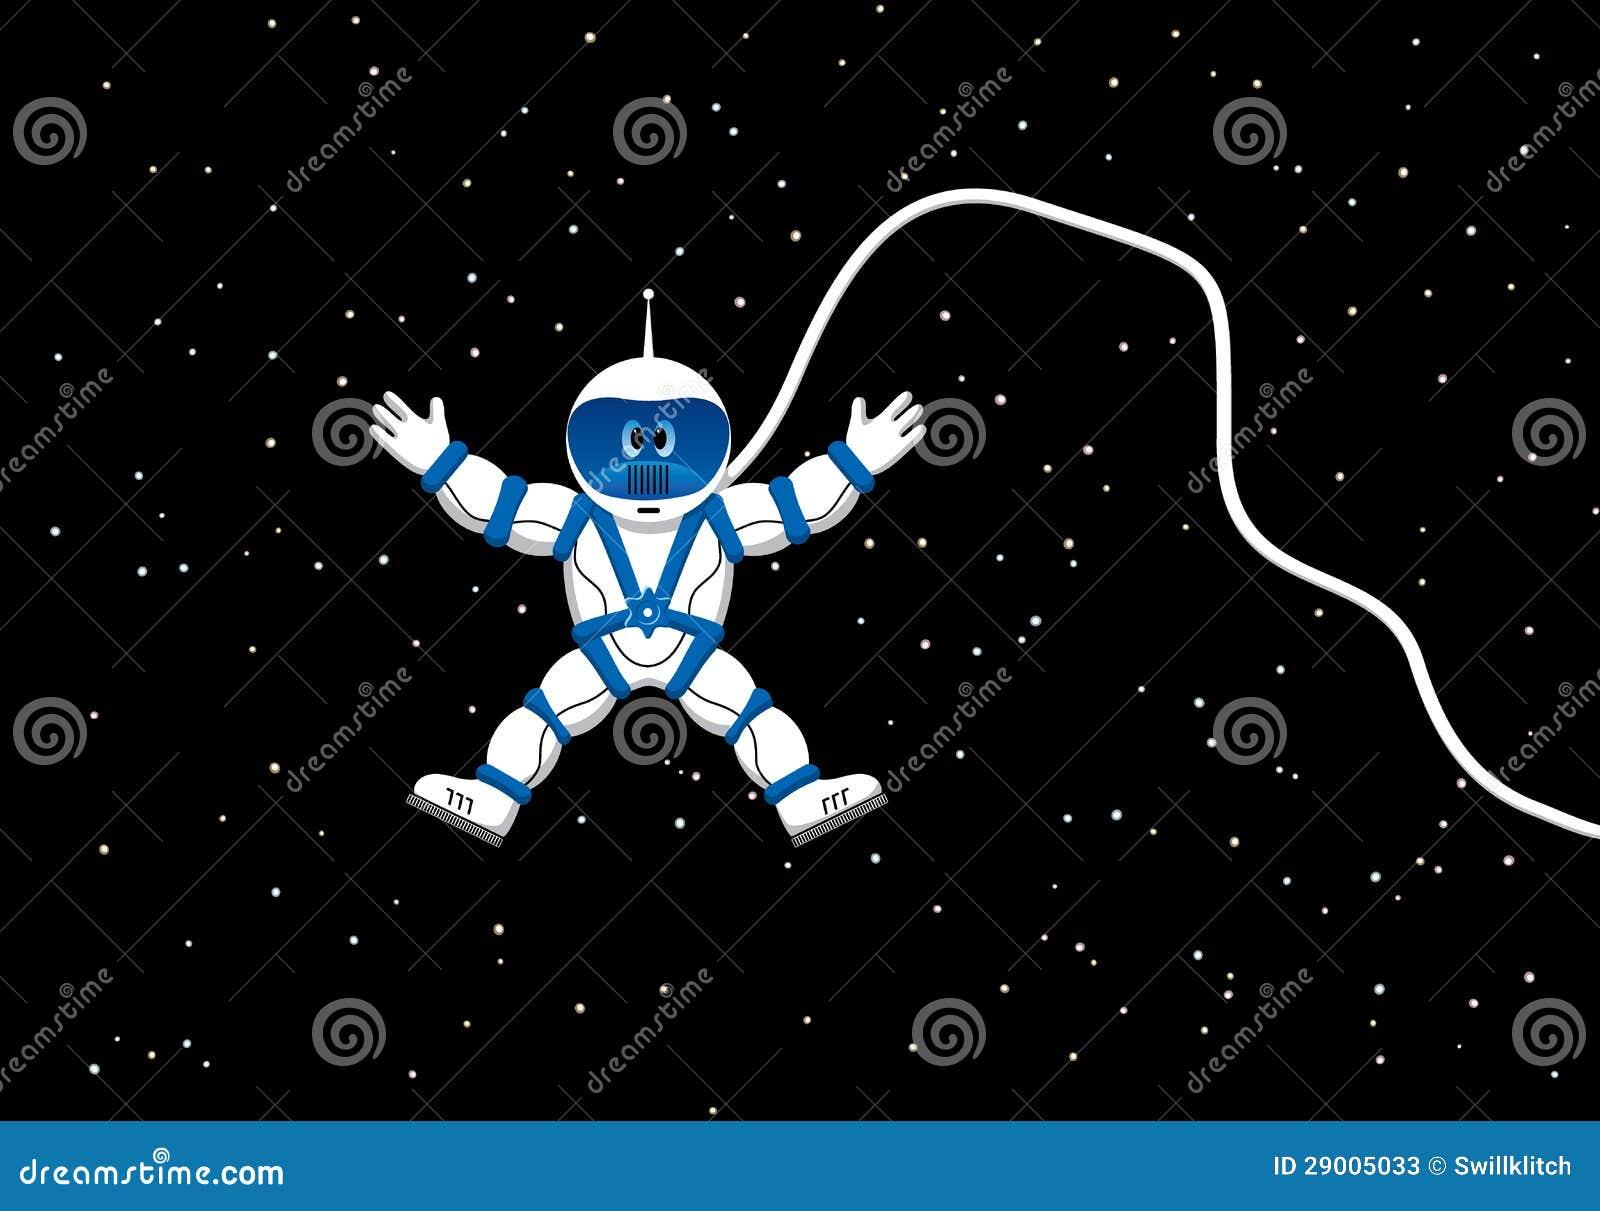 Astronauta Flotando En El Espacio Exterior: Astronauta En Espacio Exterior Ilustración Del Vector